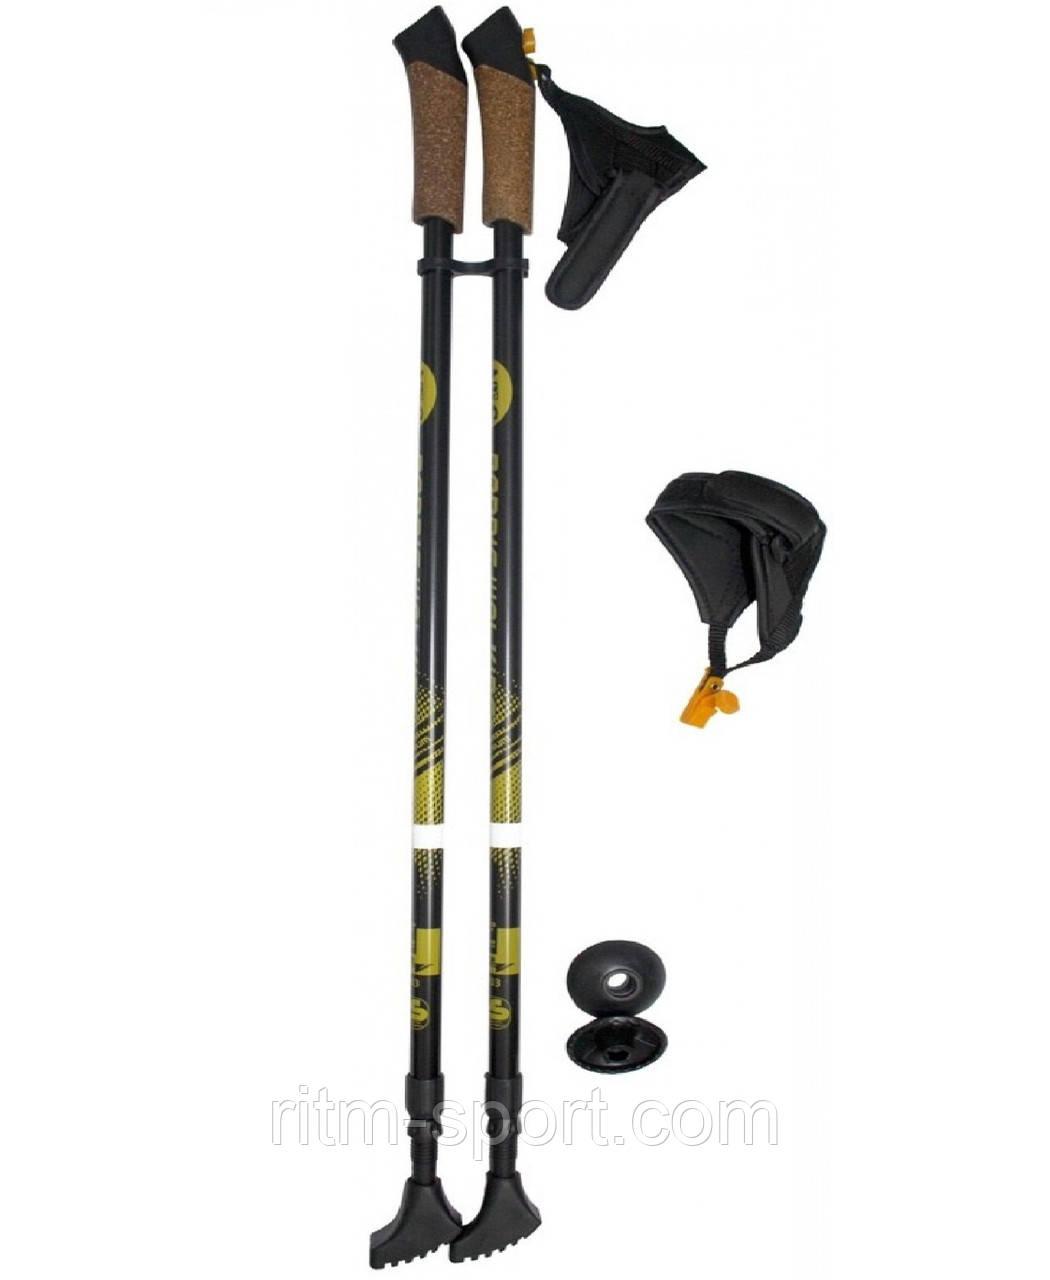 Палки для скандинавской ходьбы NILS (вес пары 555 г)